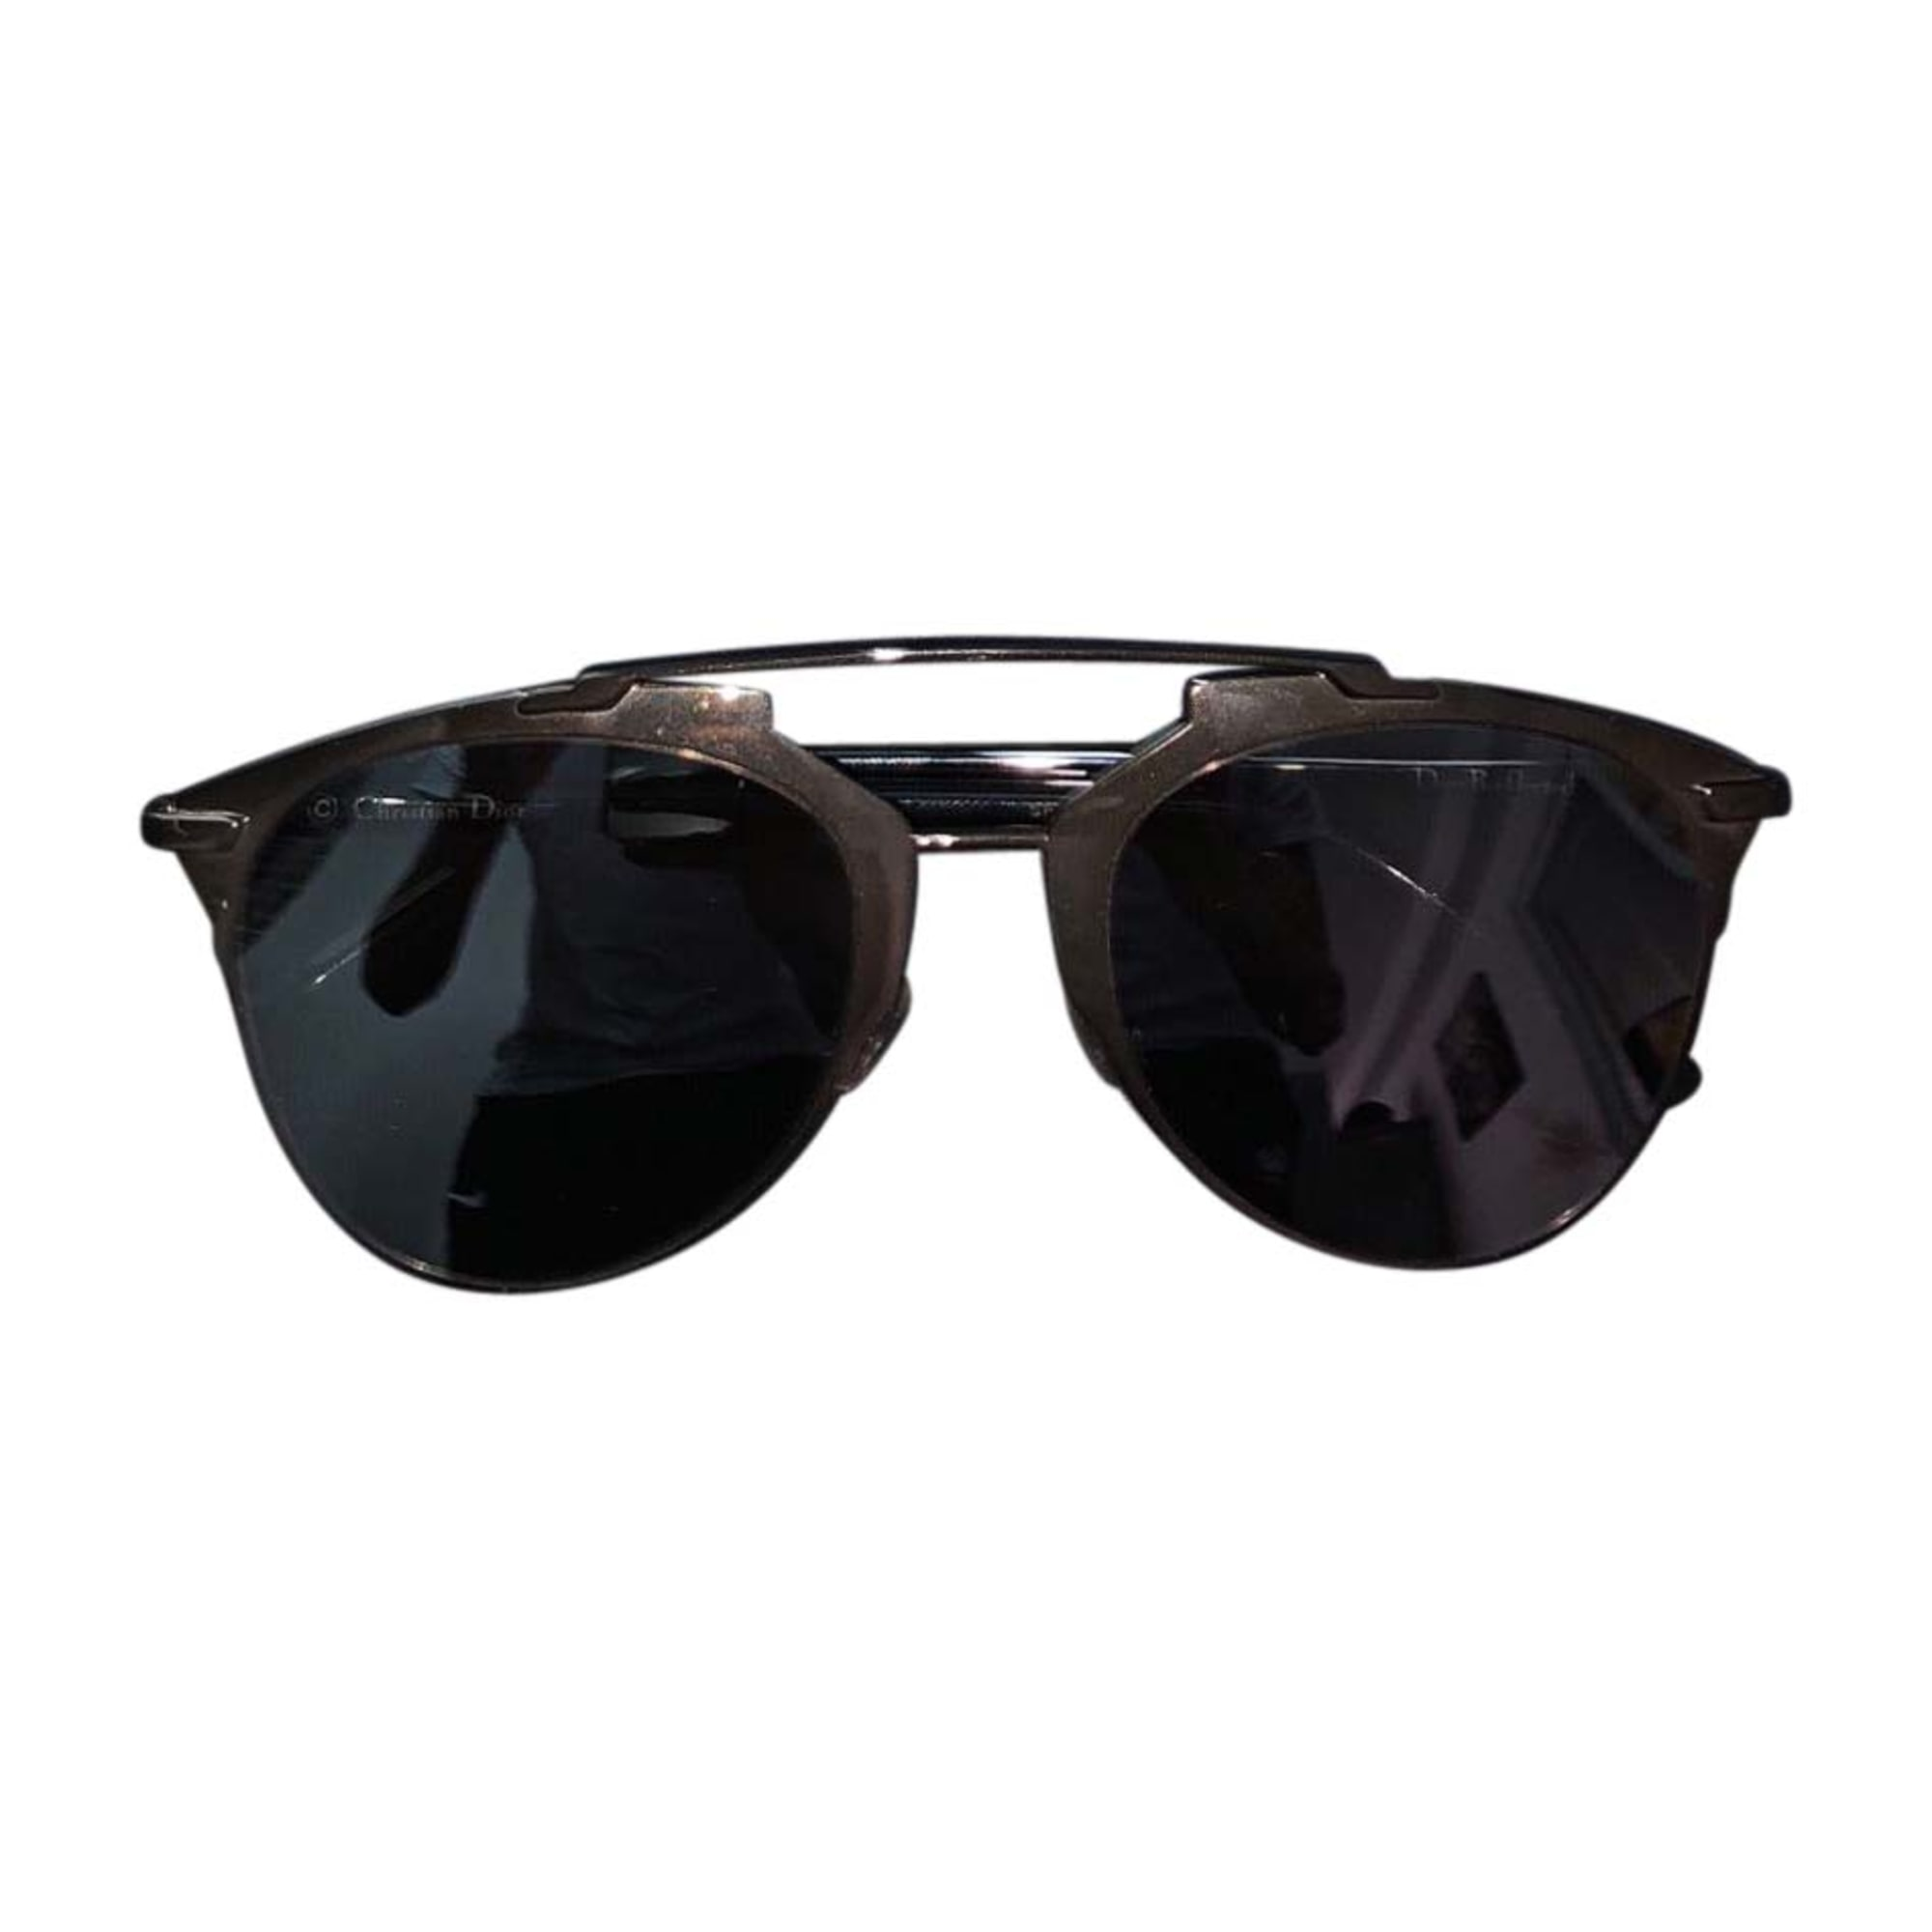 Lunettes de soleil DIOR HOMME noir vendu par Enzo 260 - 7184451 4d85c0580ef5